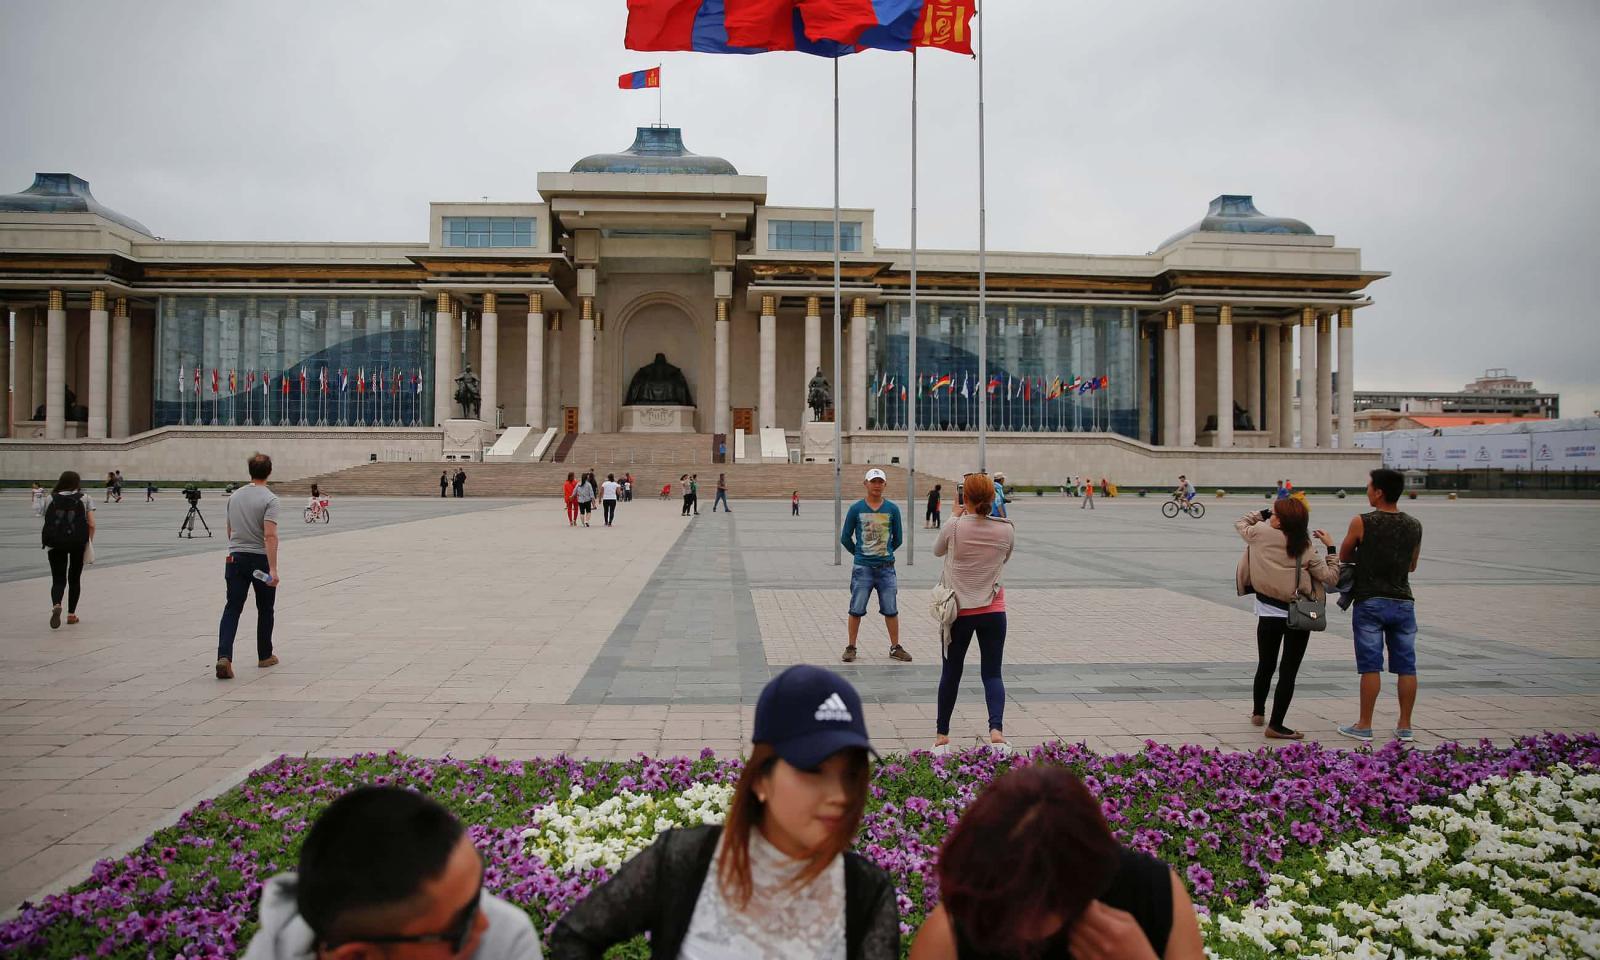 Маш ухаантай, хэтэрхий амжилттай монгол эмэгтэйчүүд нөхөртэй болоход хэцүү